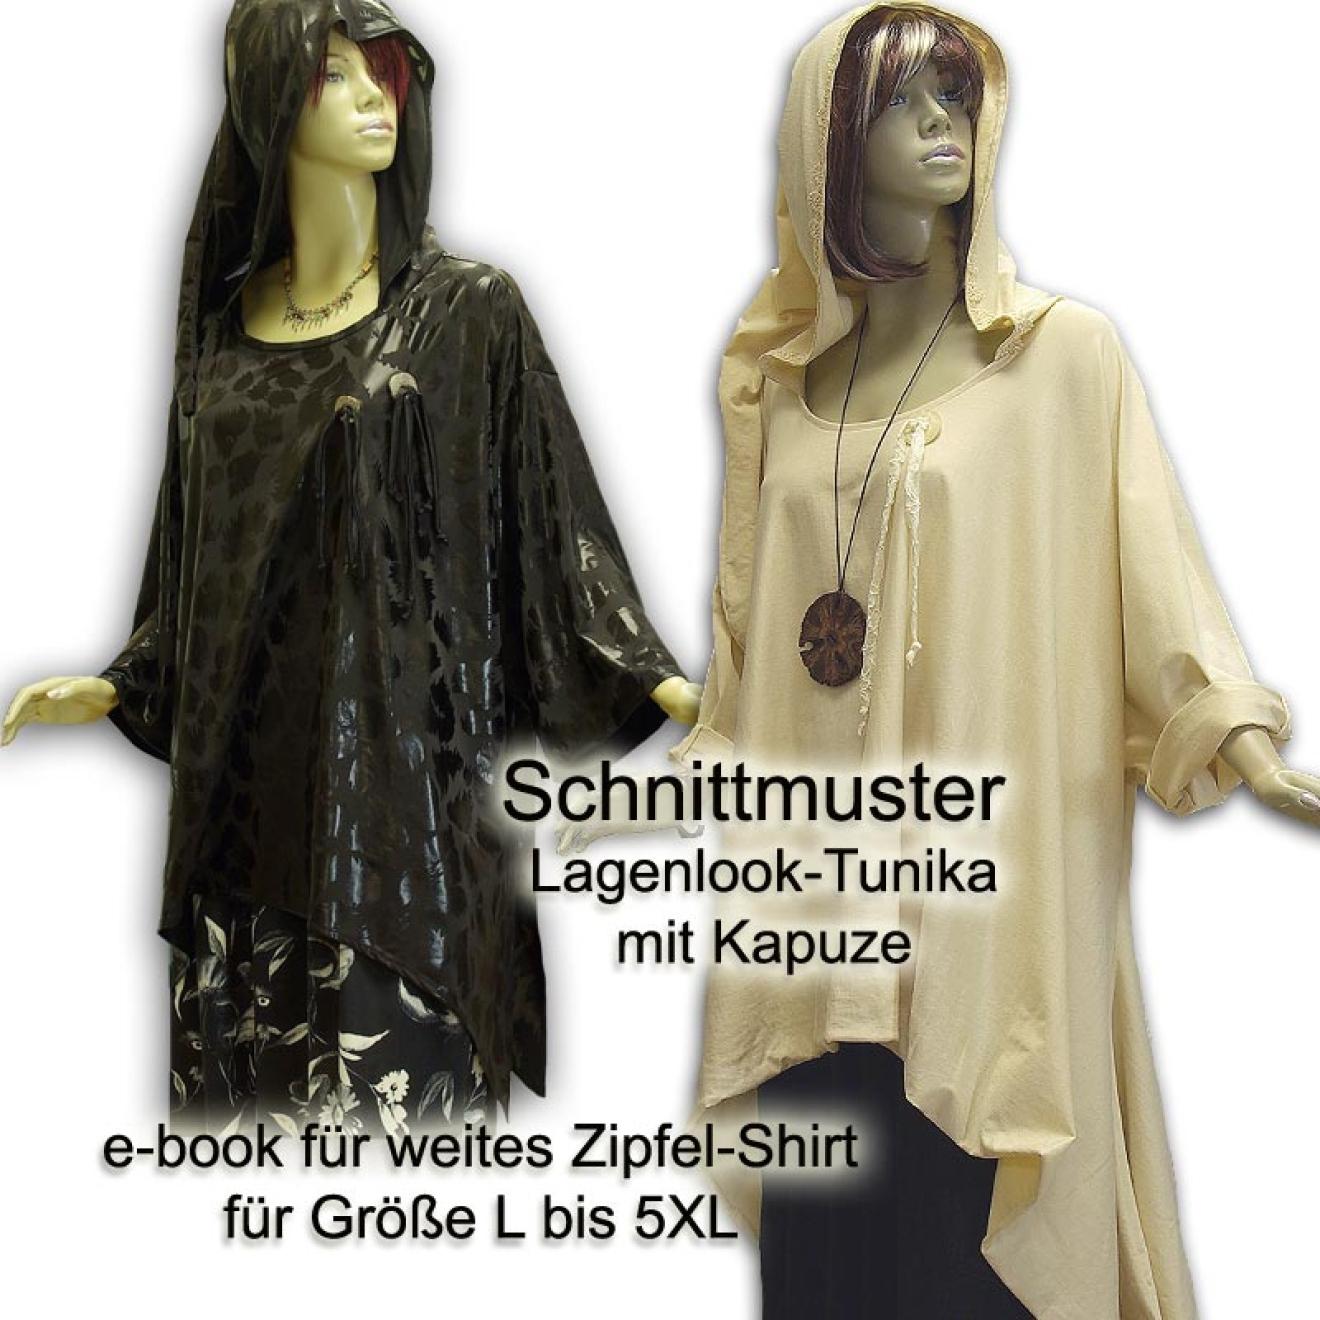 Schnittmuster e-book Lagenlook Zipfel-Shirt Hoody